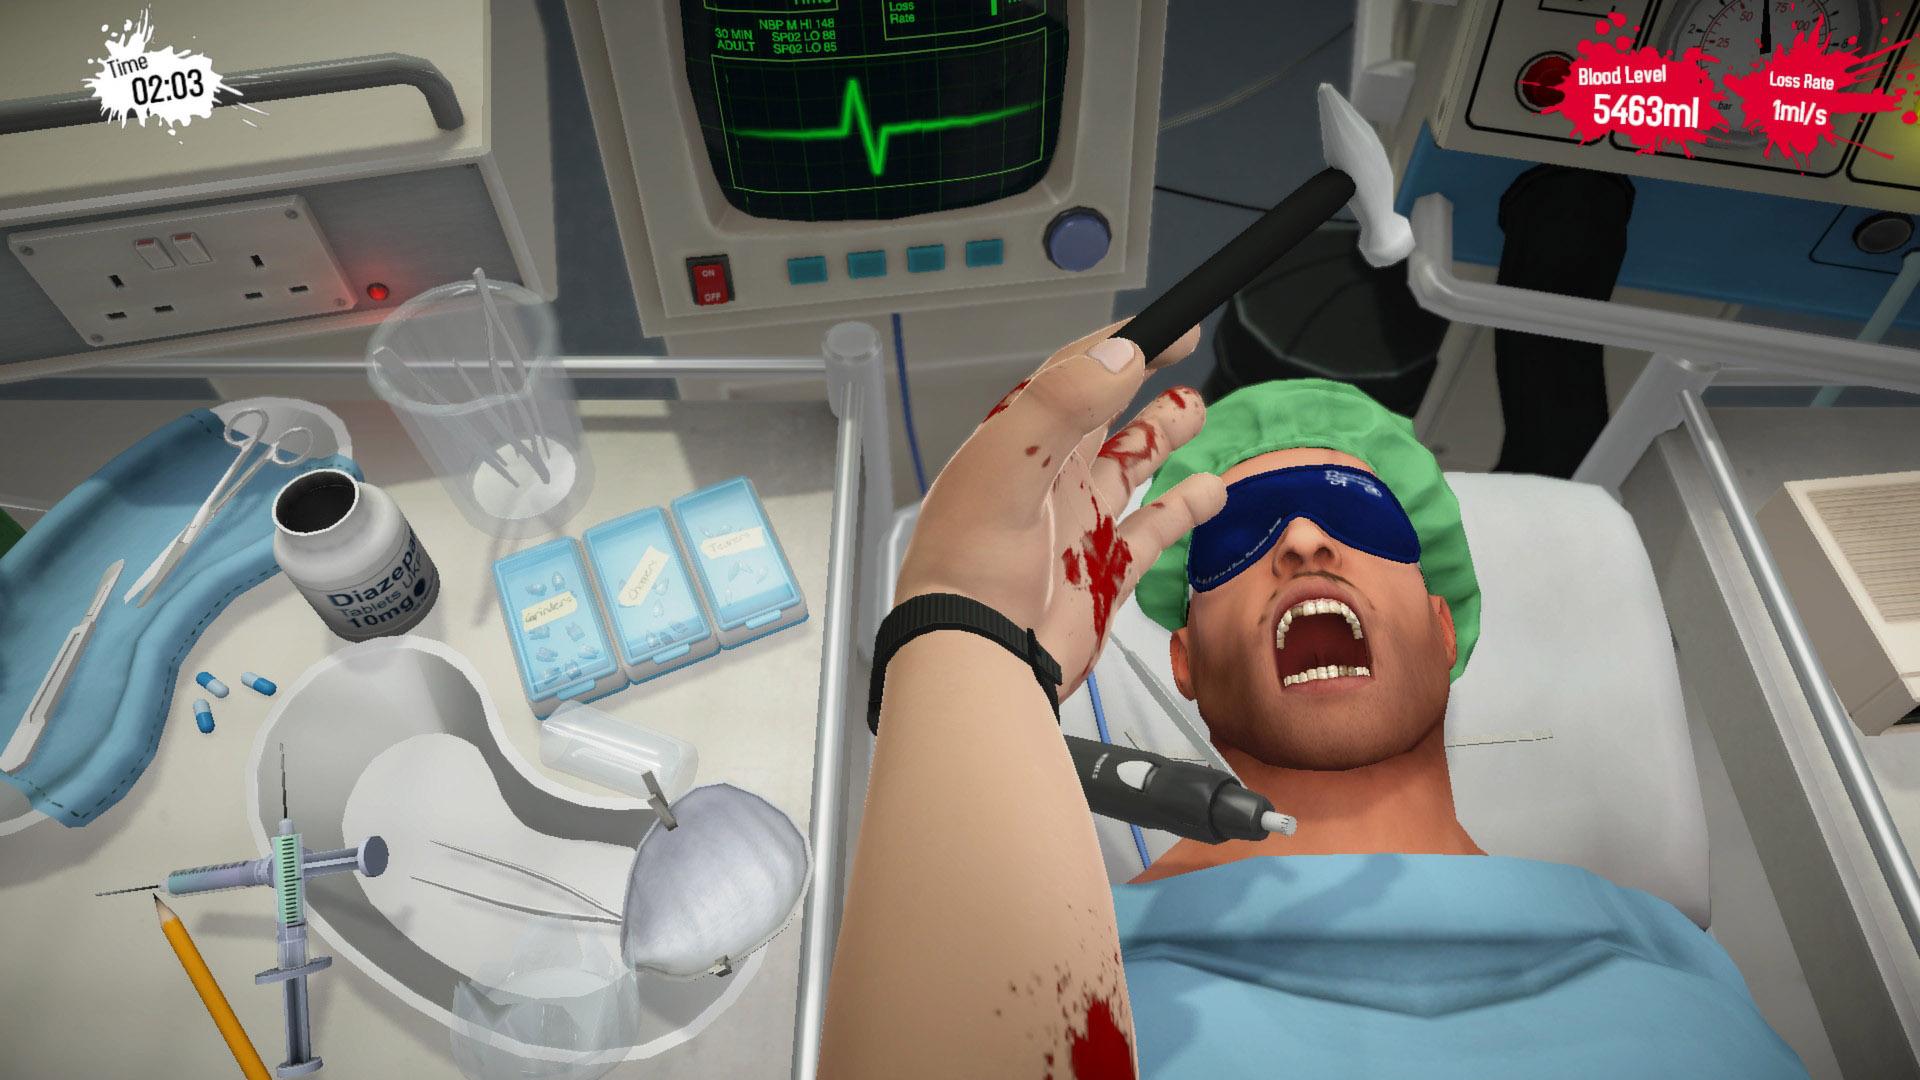 Скачать симуляторы хирурга через торрент